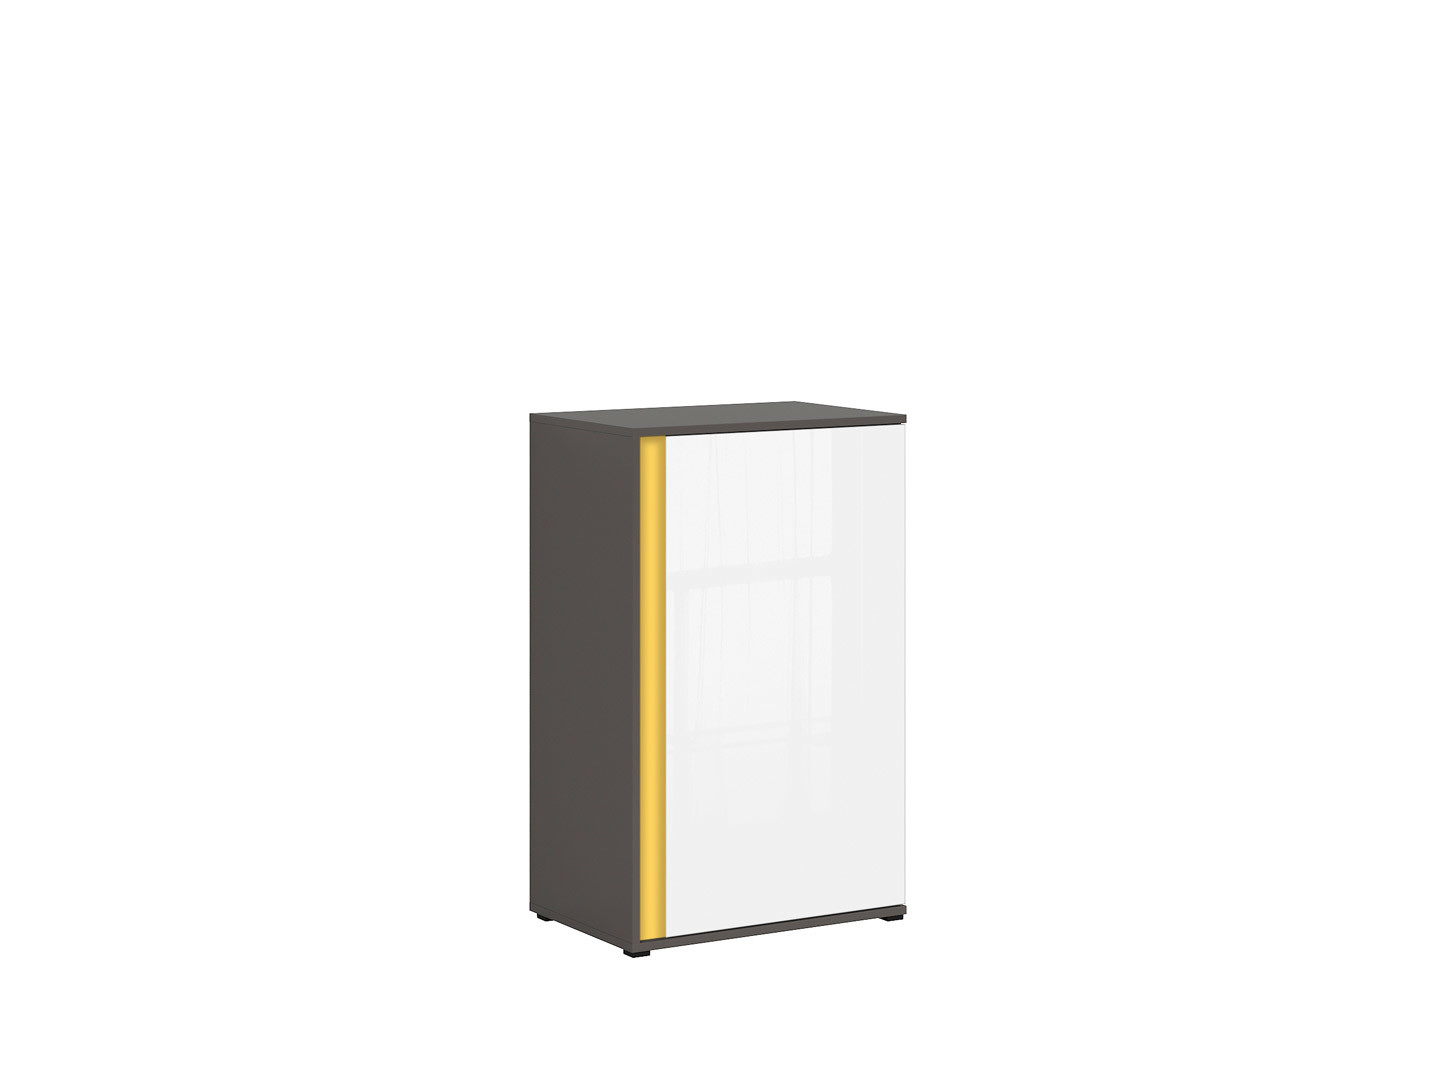 Skrinka GRAPHIC KOM1DP/C sivý wolfram/biely zrkadlový lesk